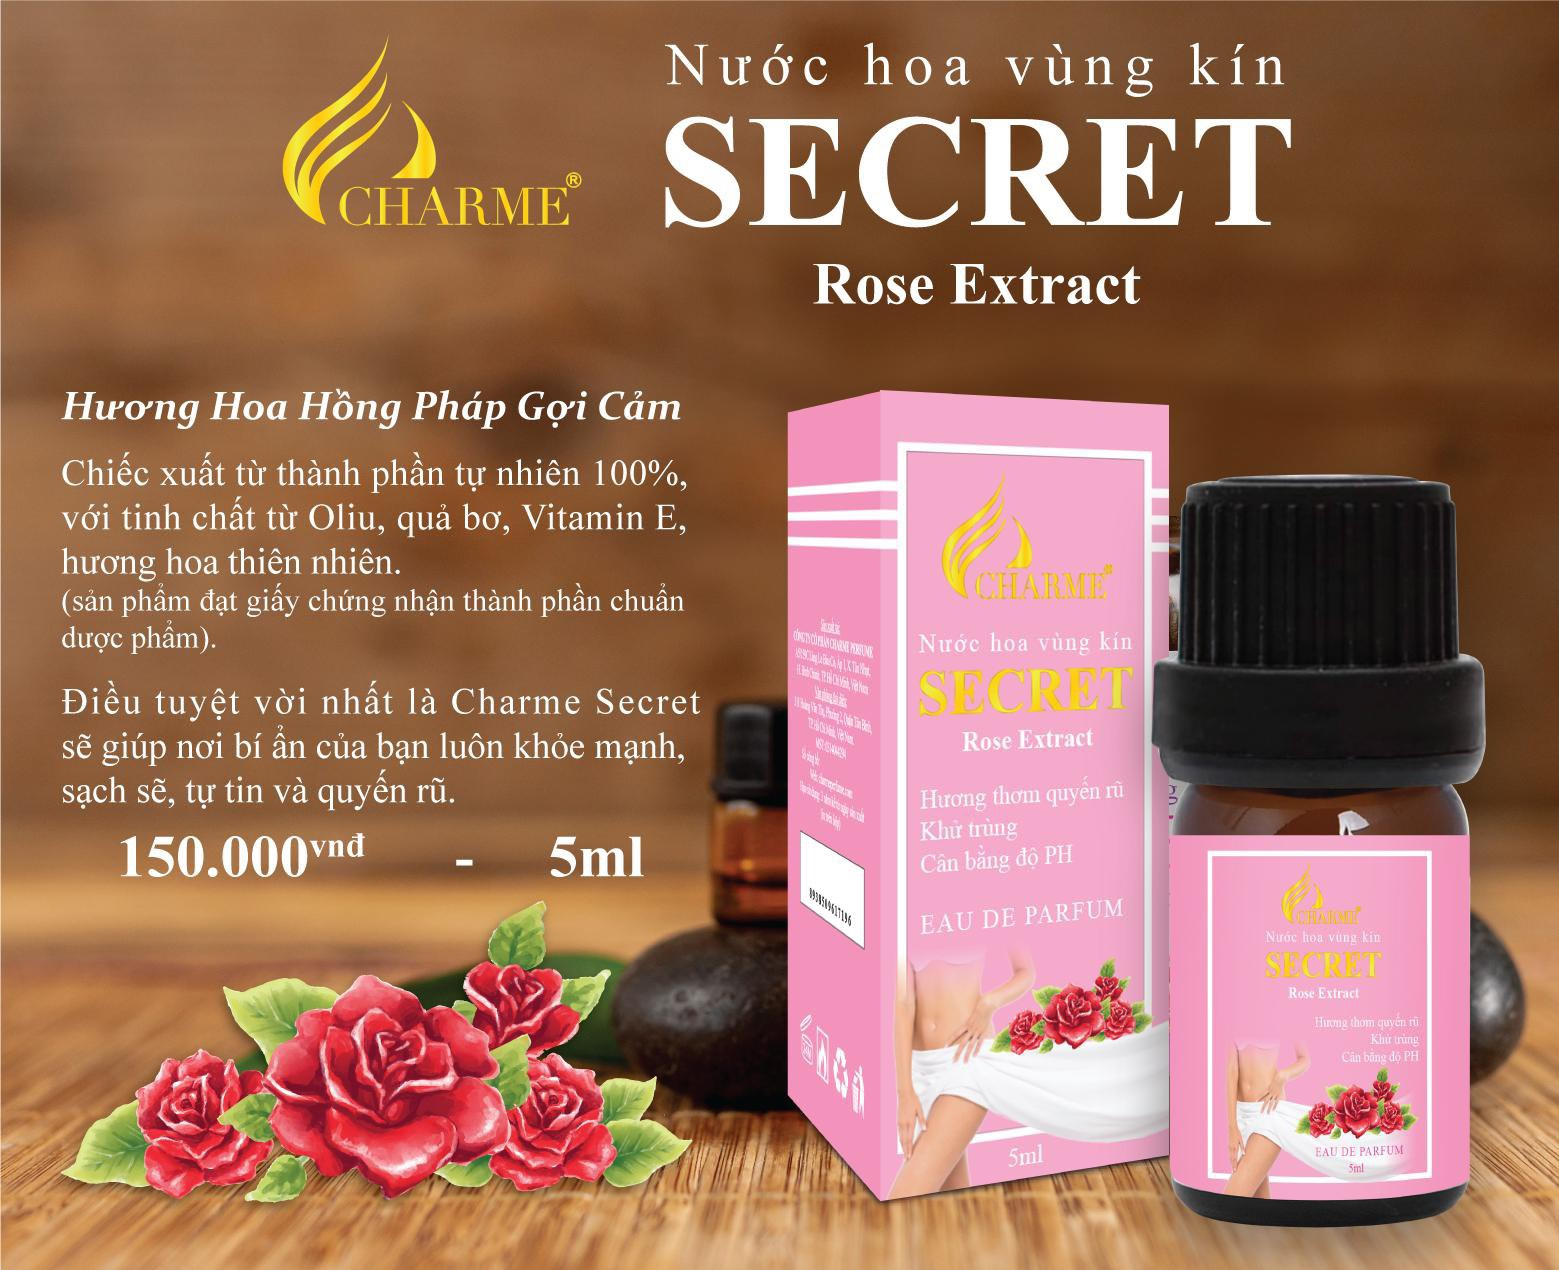 Nước Hoa Vùng Kín Charme Secret Rose Extract